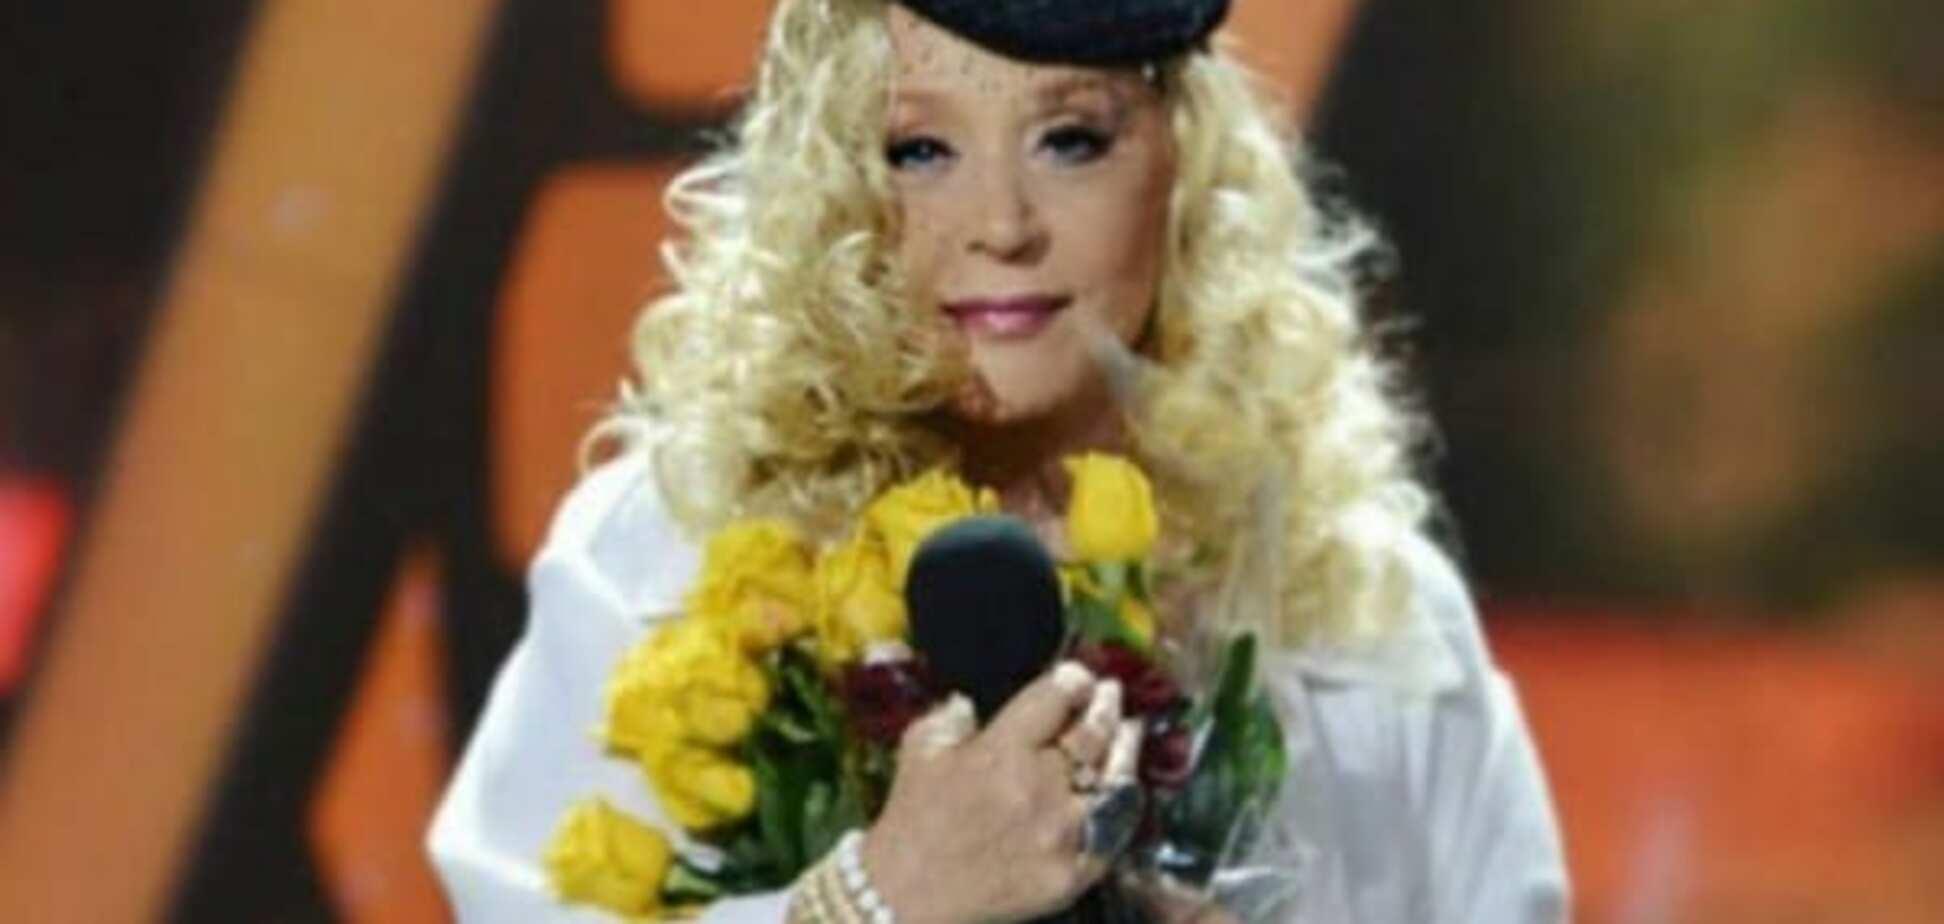 Топ скандалов 'Новой волны 2015': песня Пугачевой и украинский поцелуй для Михалкова